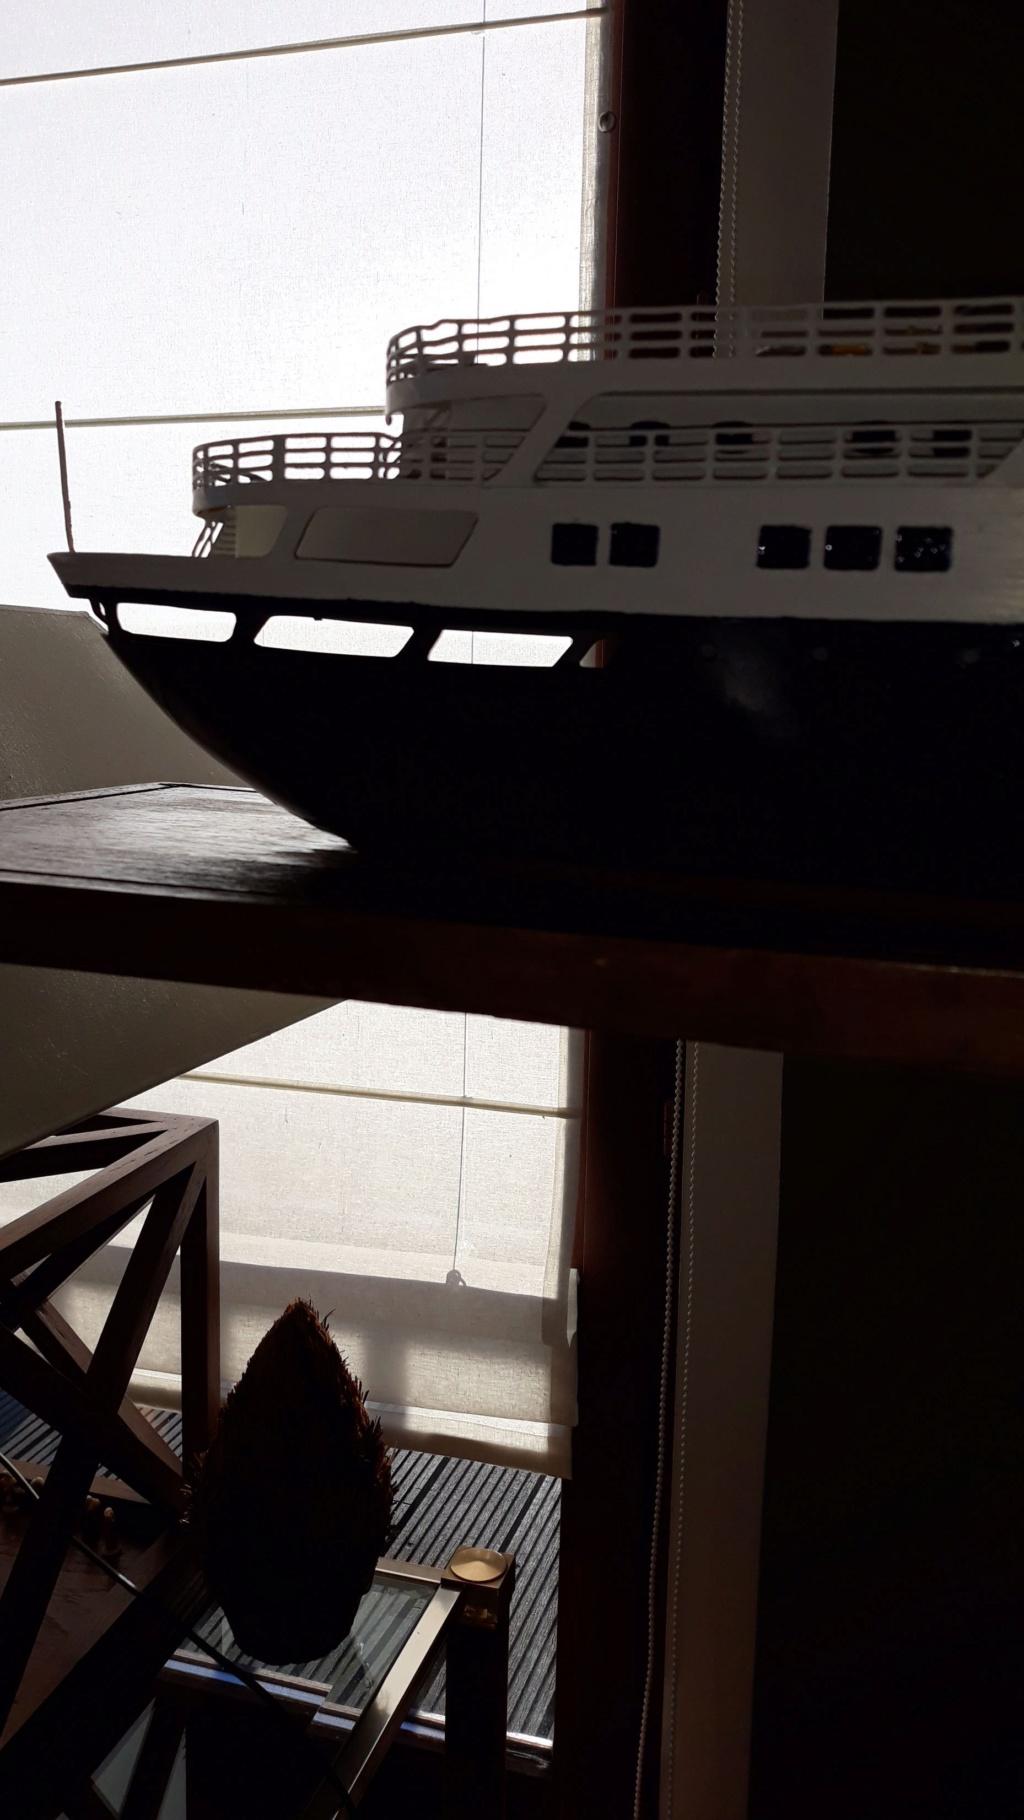 Qui peut m'identifier ce bateau - Page 5 4471f210